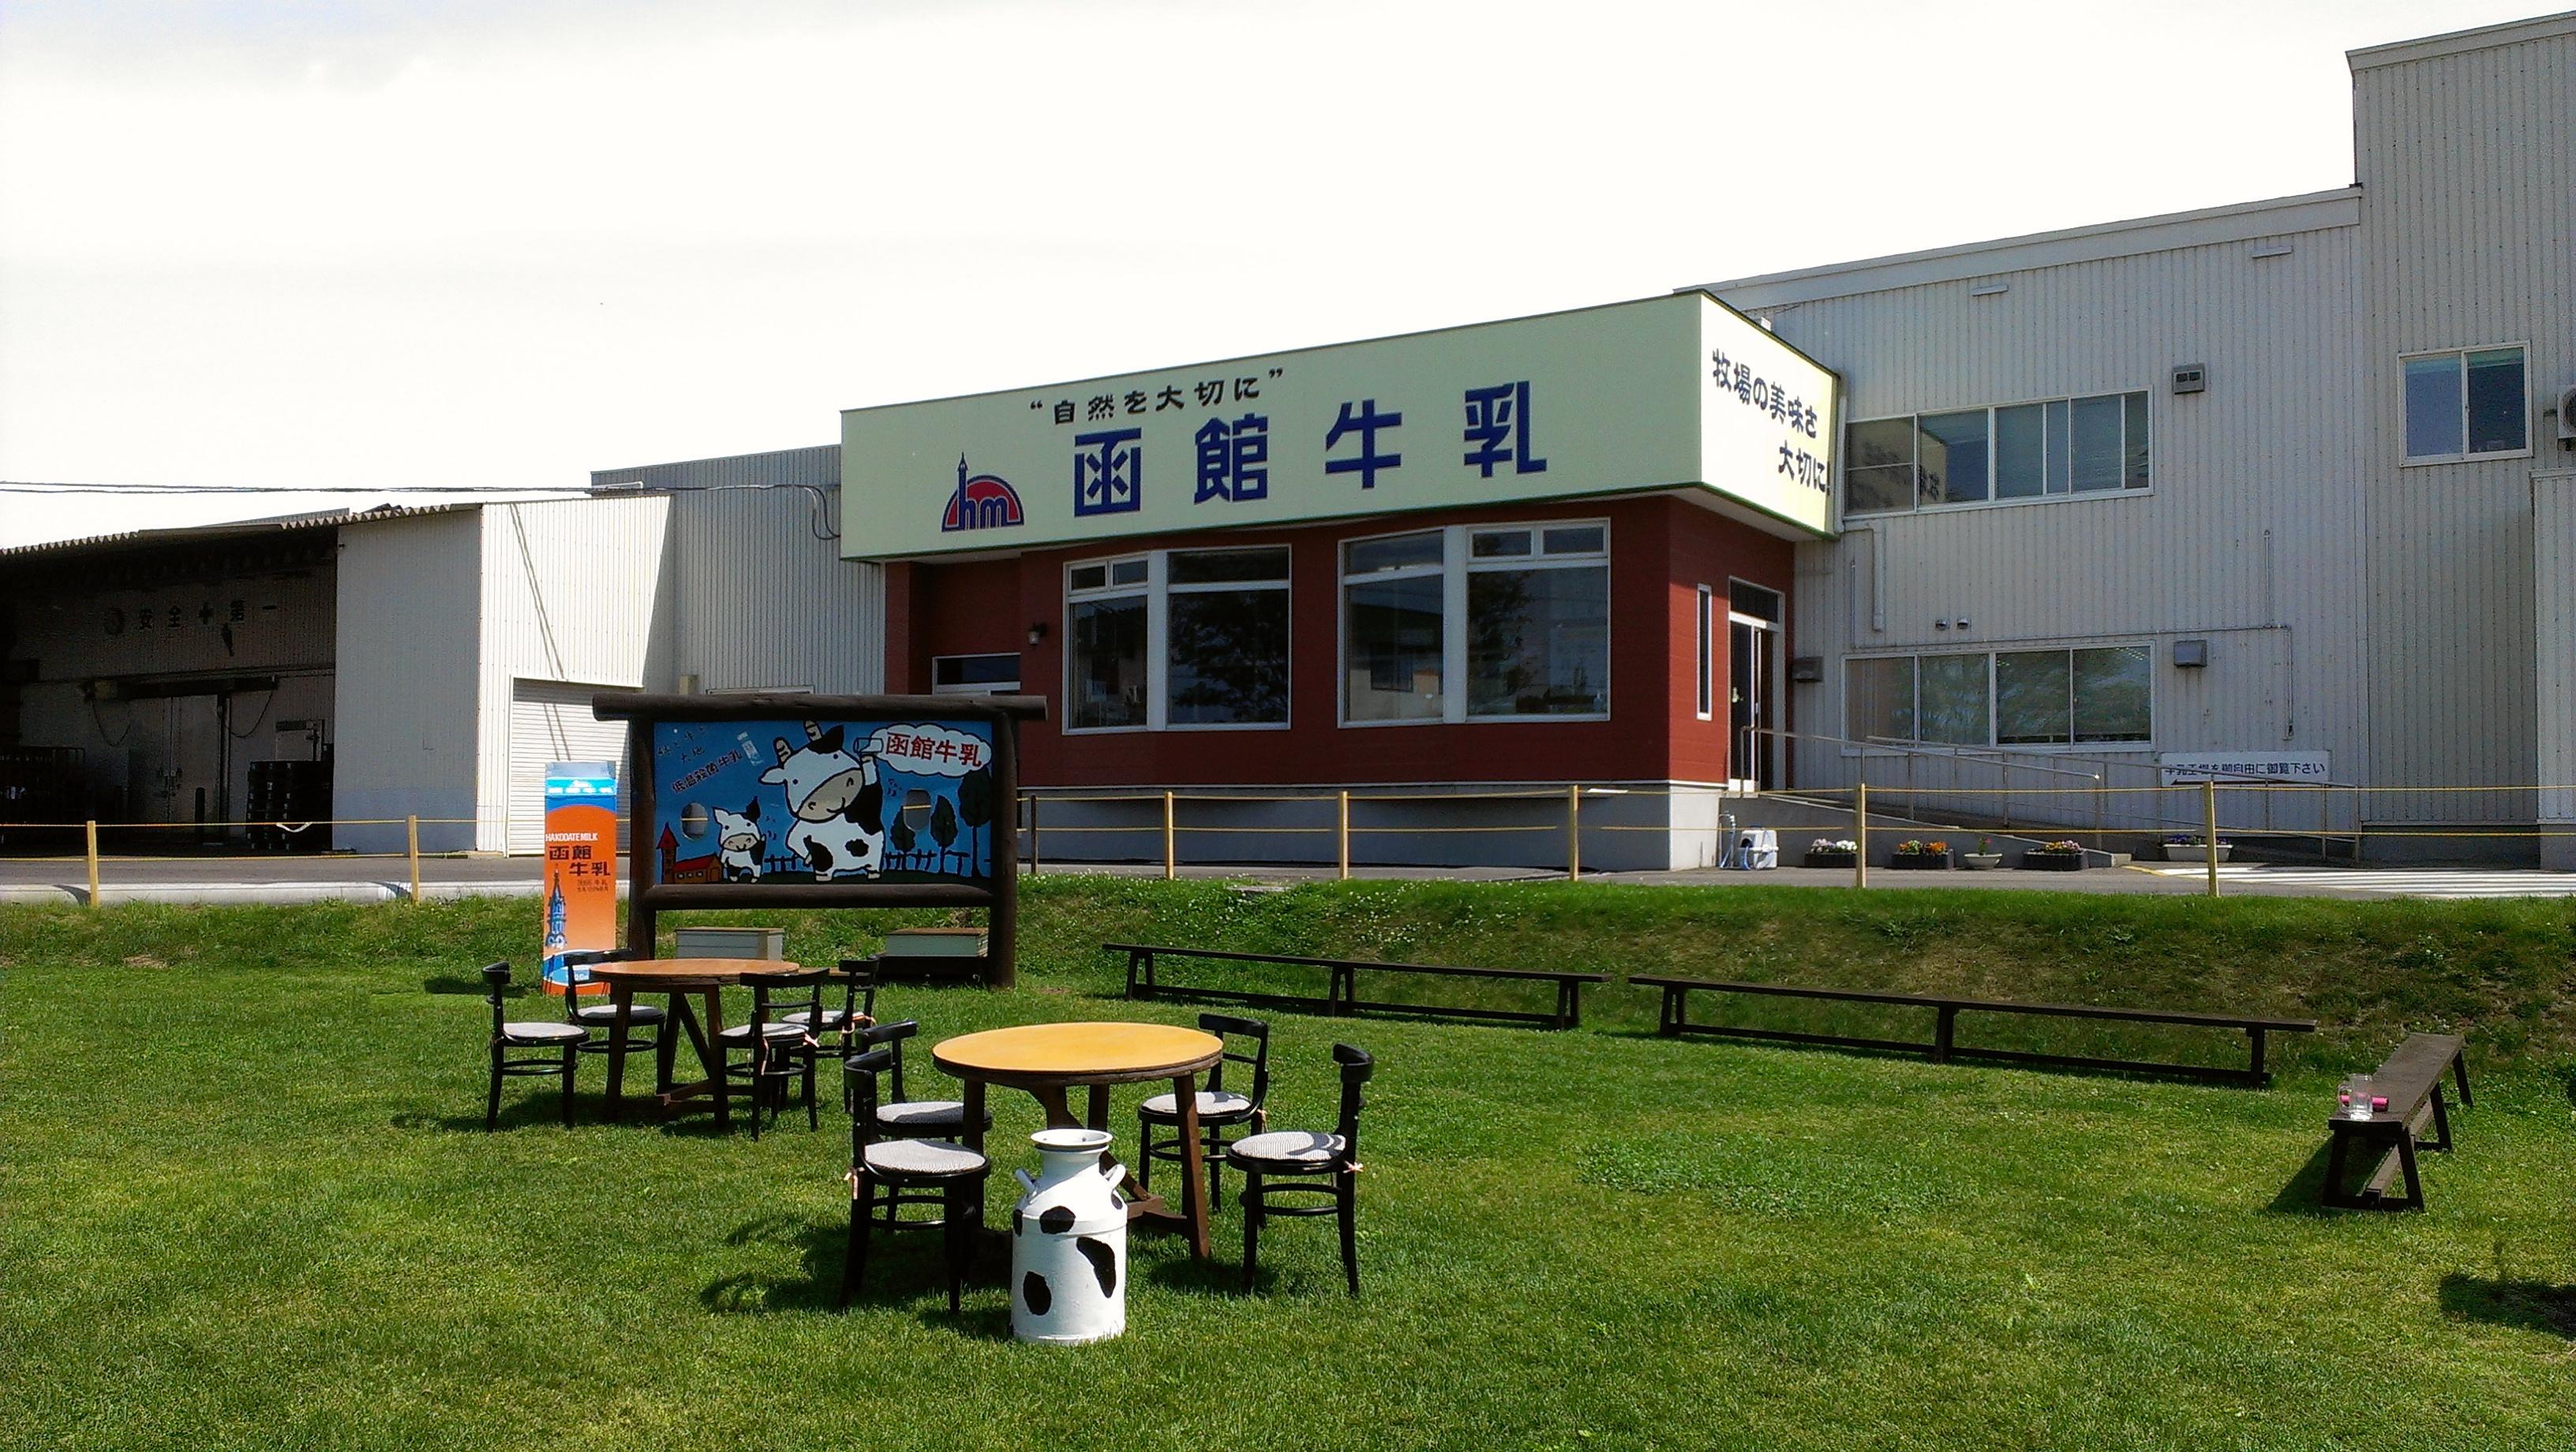 函館グルメを満喫【その弐】牛乳、刺身、駅弁など